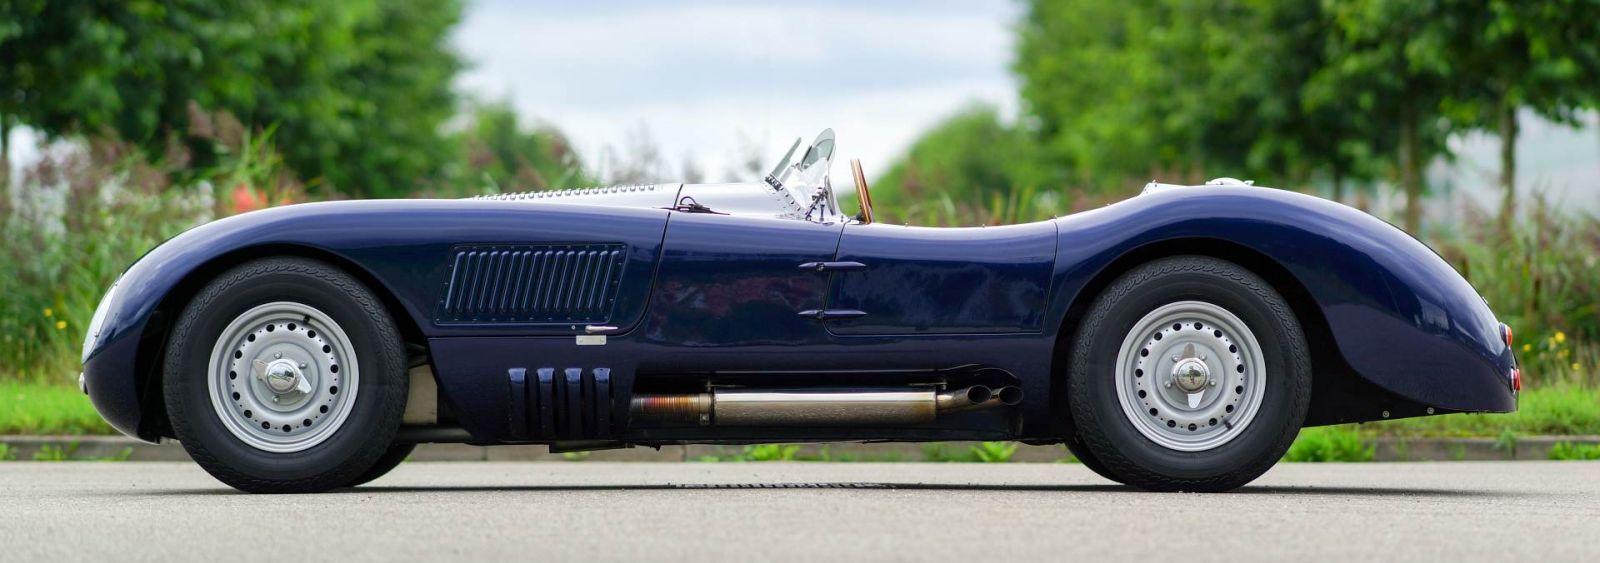 Jaguar C-type replica, 1965 - Welcome to ClassiCarGarage